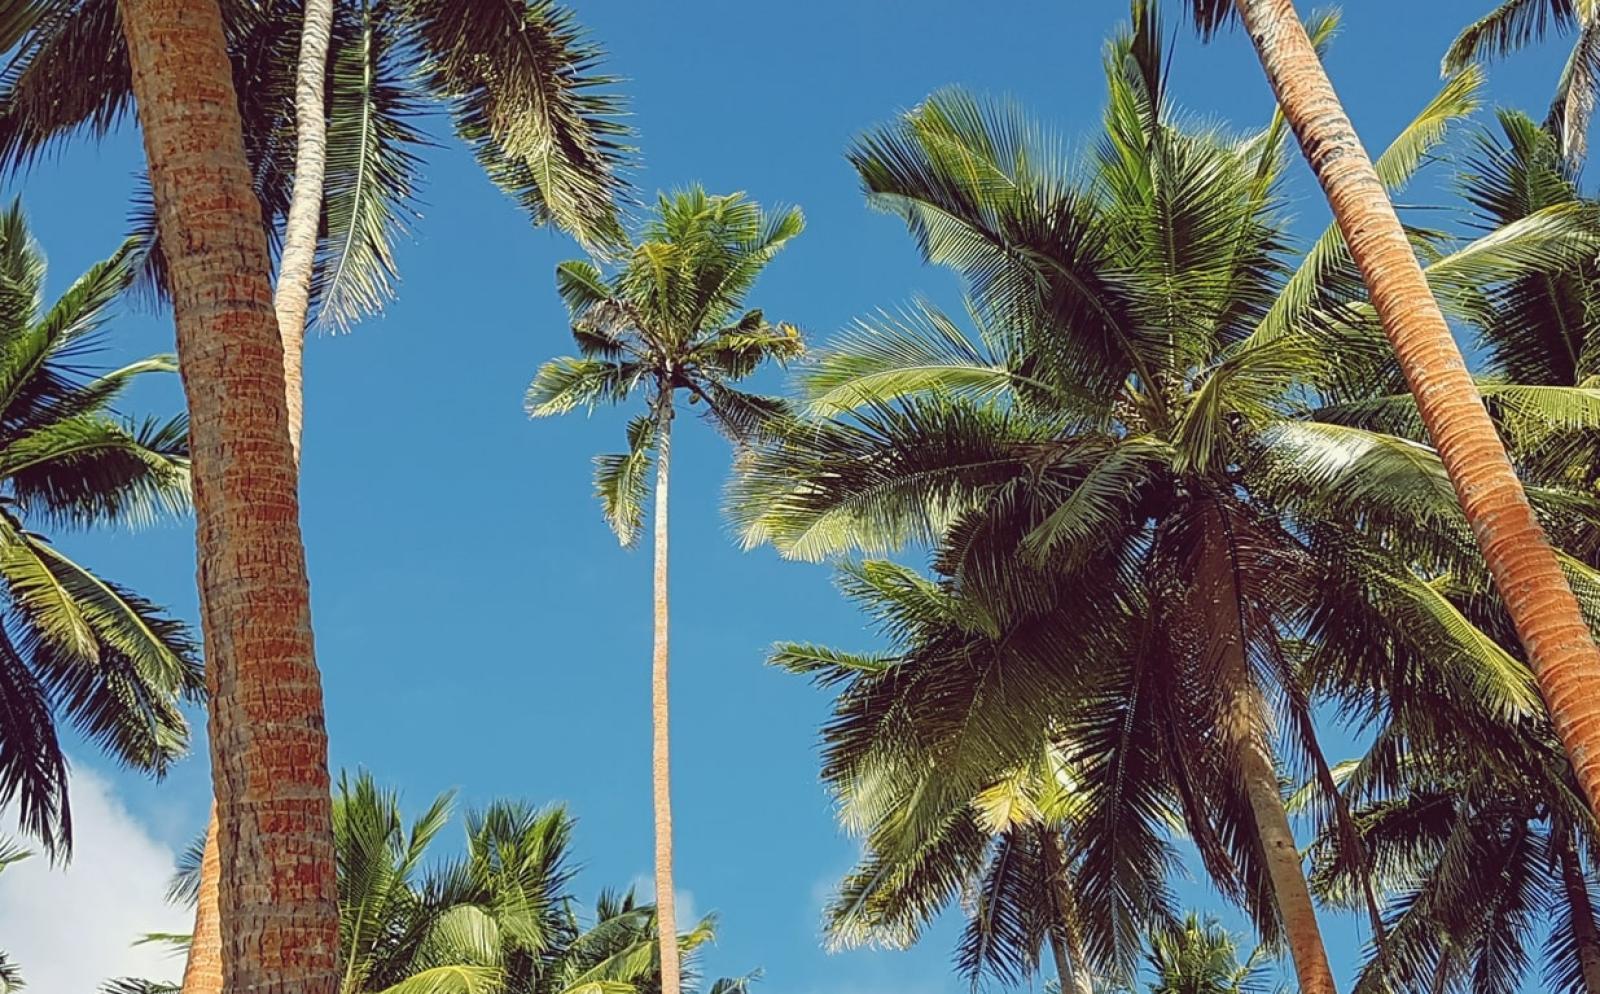 青い空に映えるフィジーのヤシの木